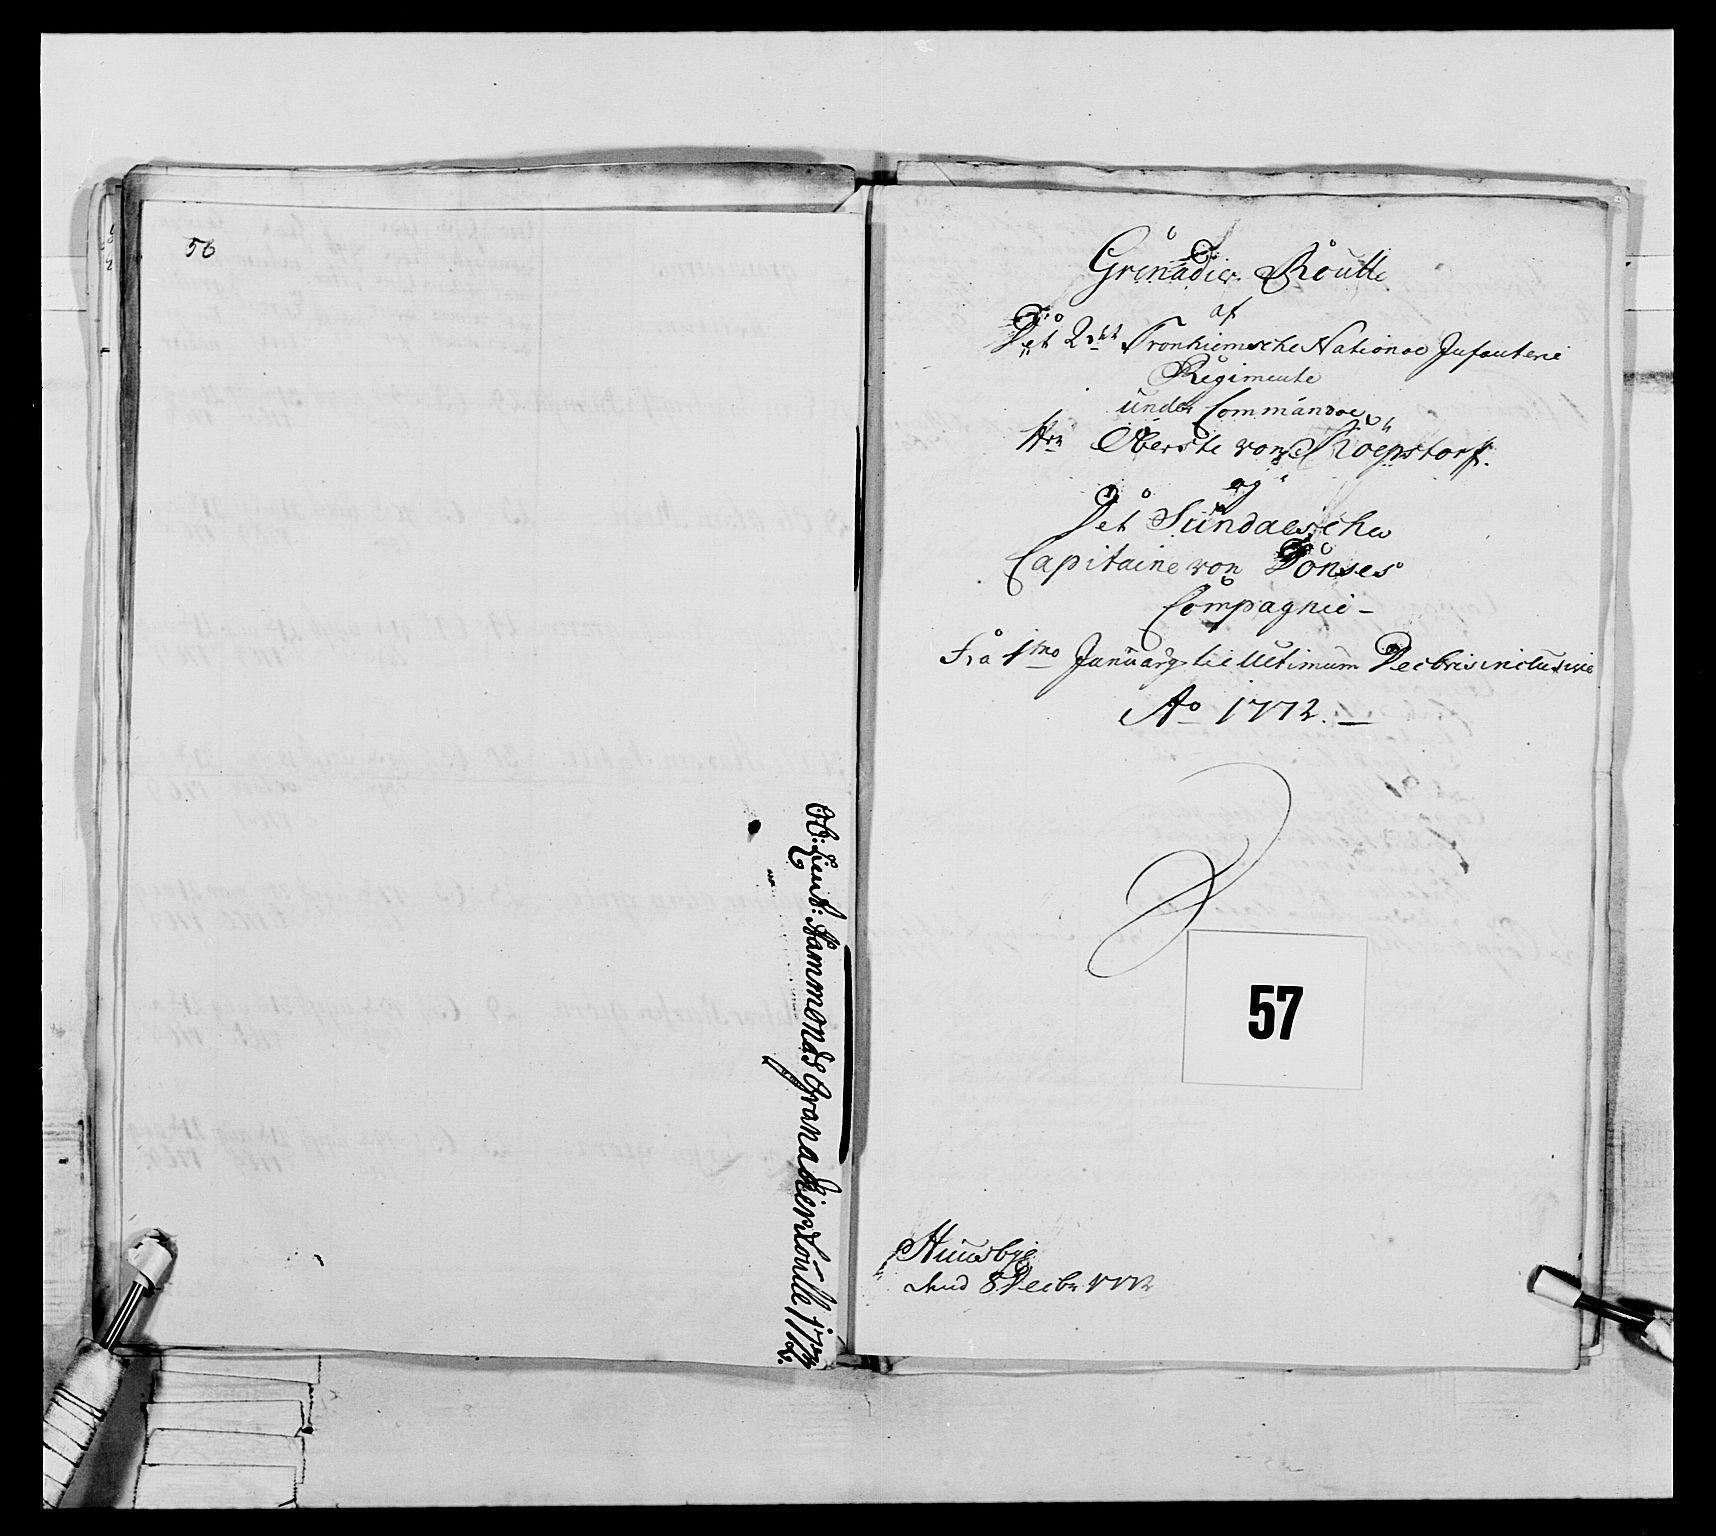 RA, Generalitets- og kommissariatskollegiet, Det kongelige norske kommissariatskollegium, E/Eh/L0076: 2. Trondheimske nasjonale infanteriregiment, 1766-1773, s. 195